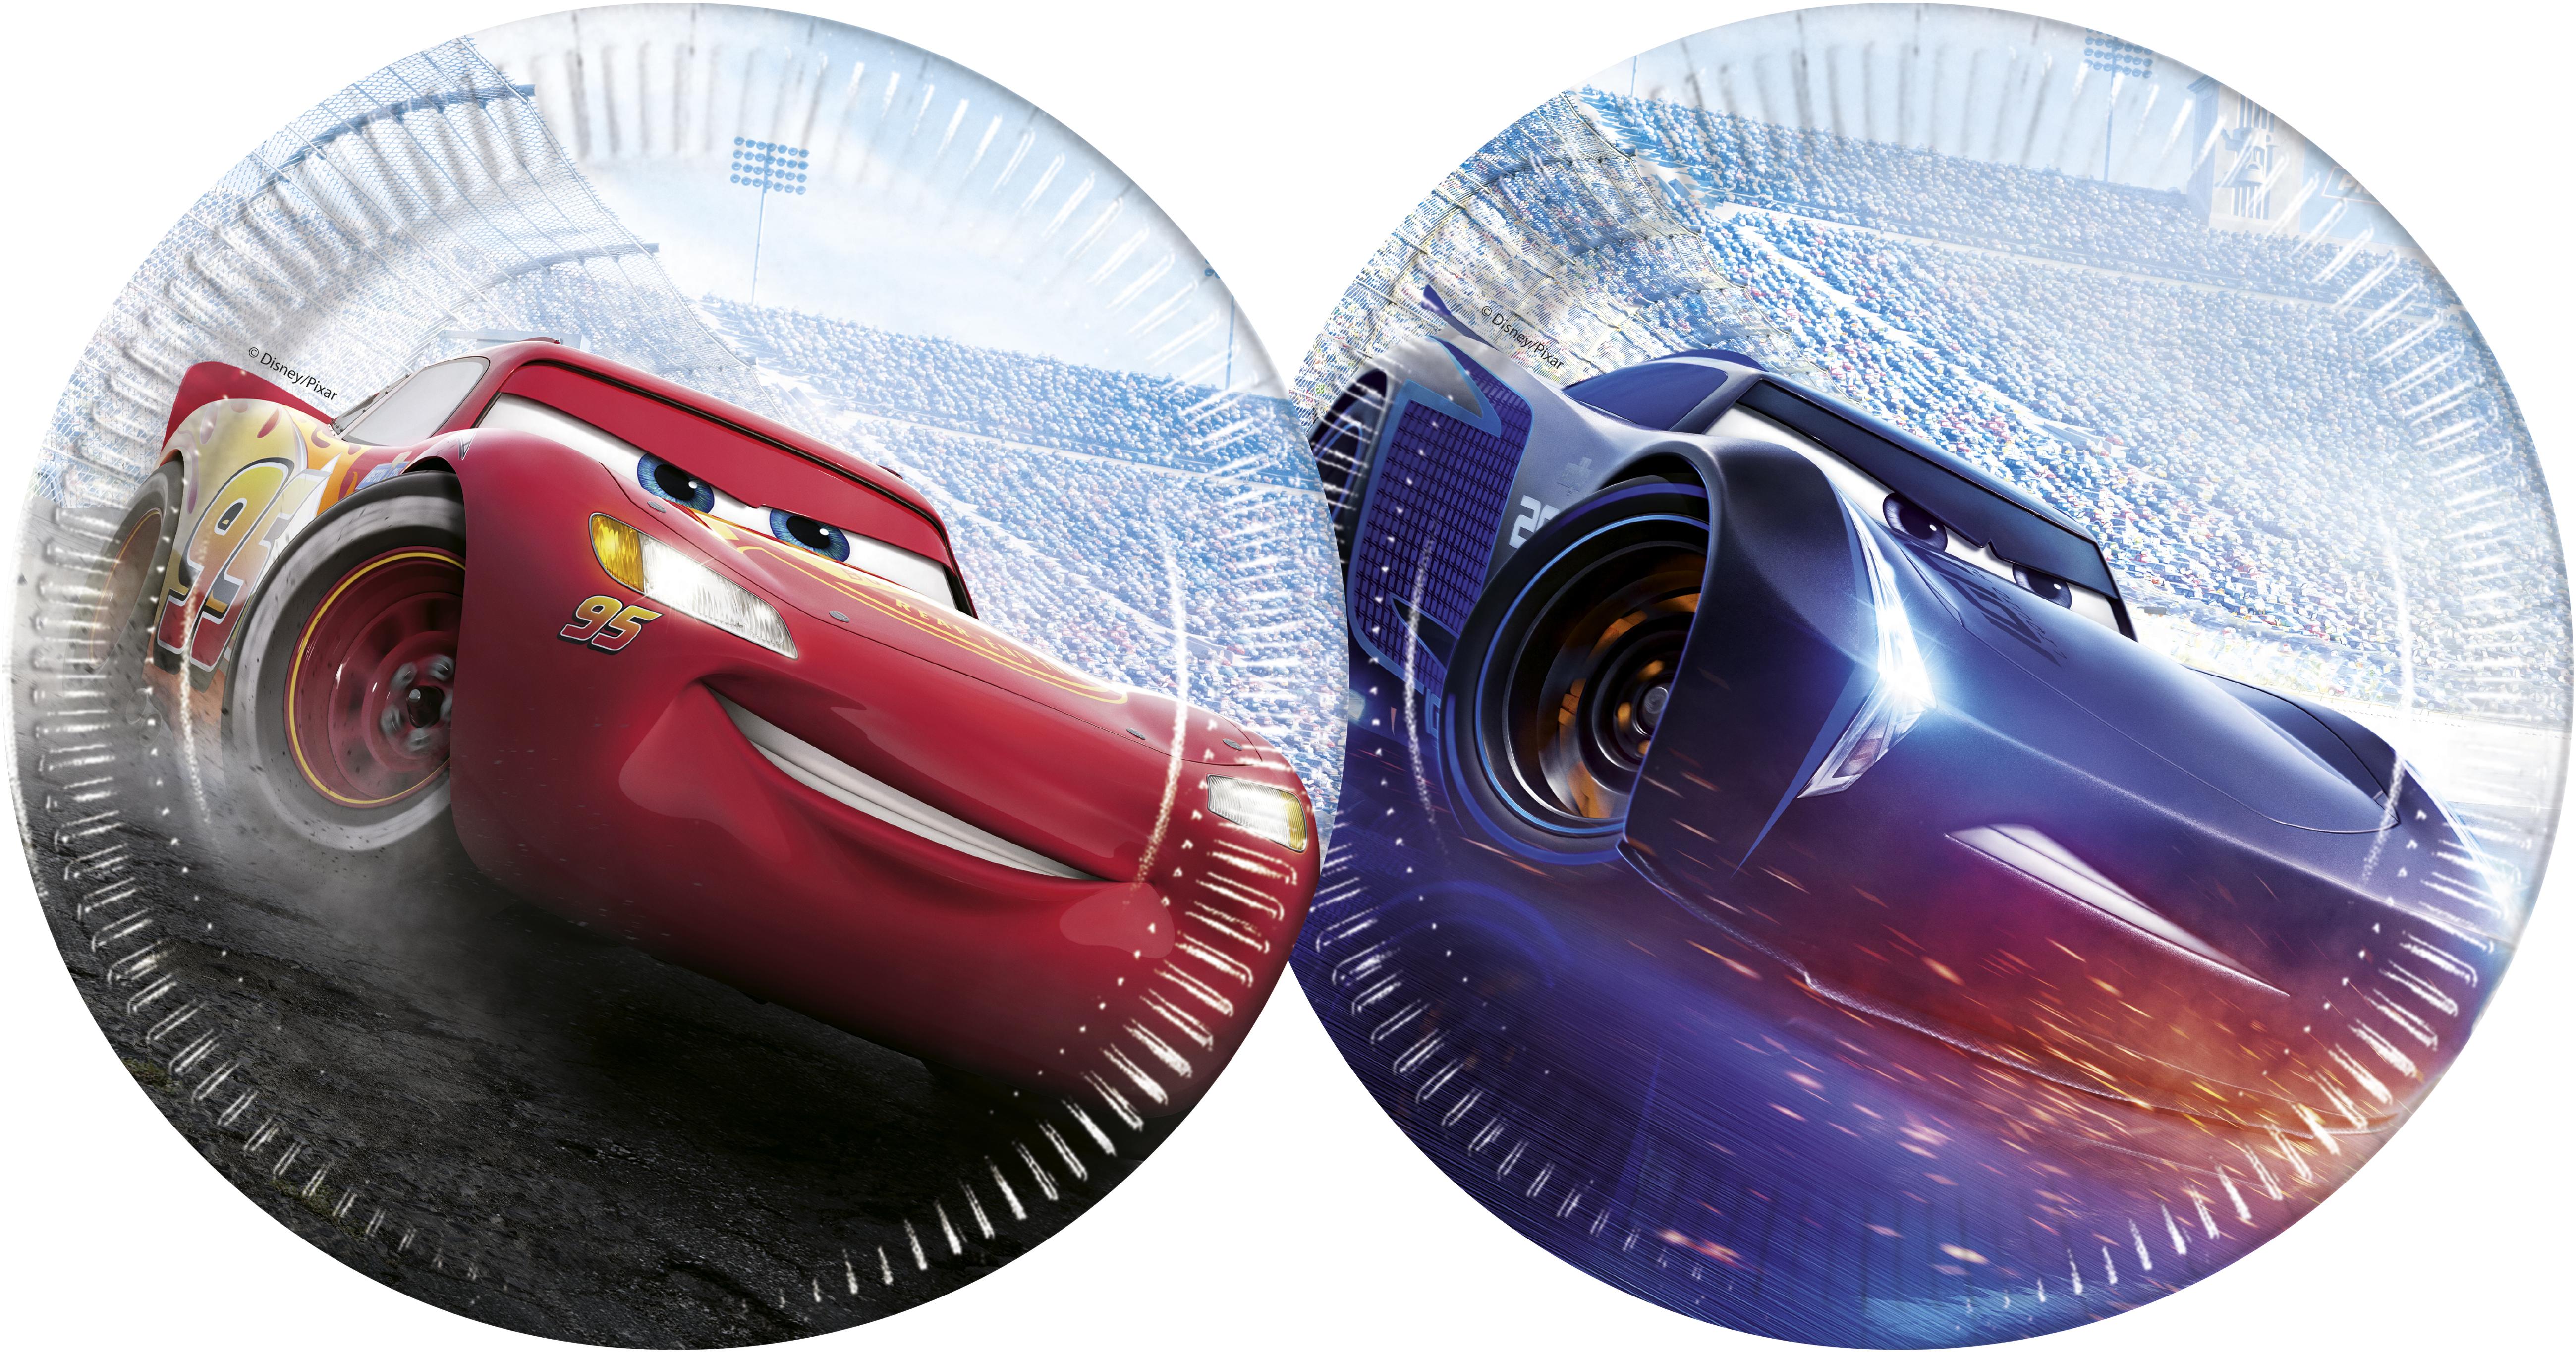 Cars talíře 8 ks 23 cm, mix 2 motivy Procos